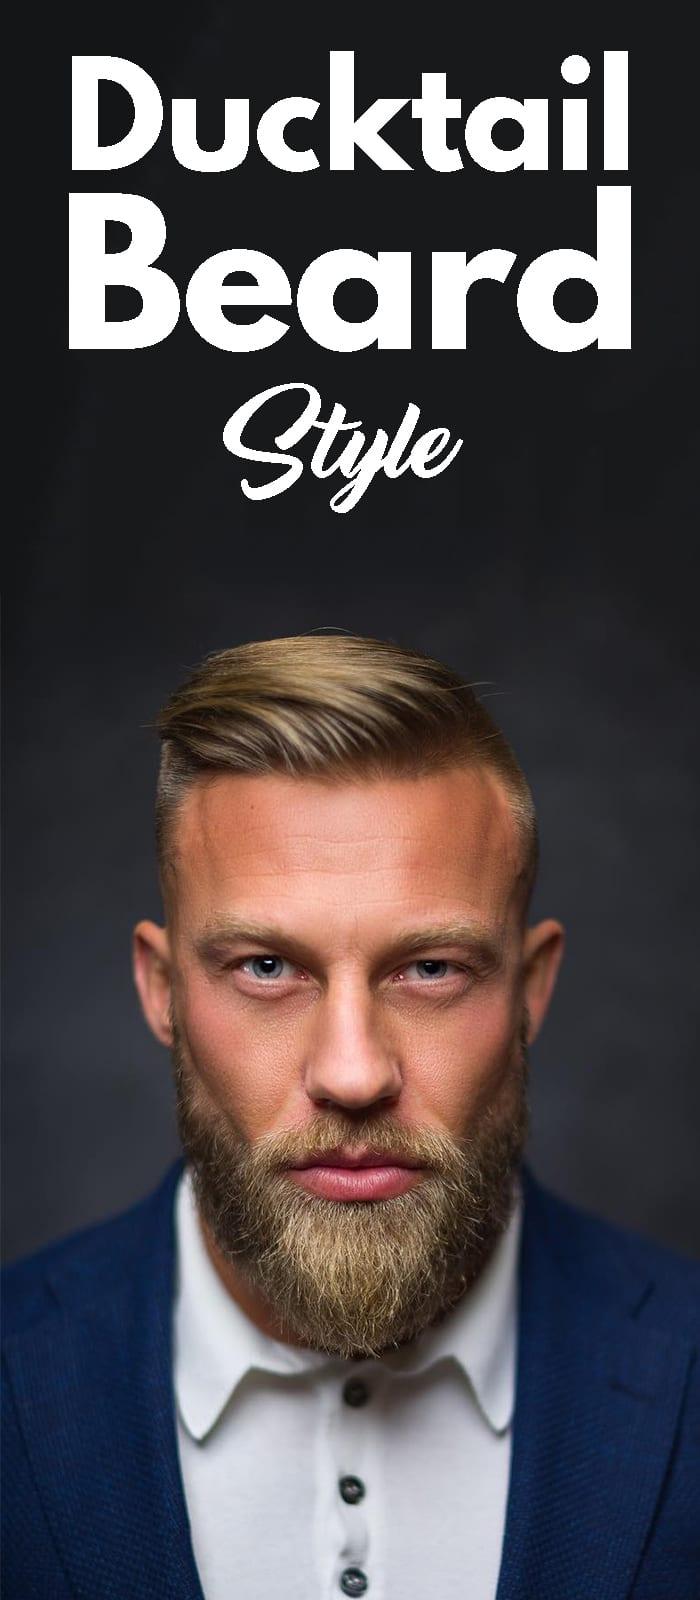 Ducktail Beard Style!